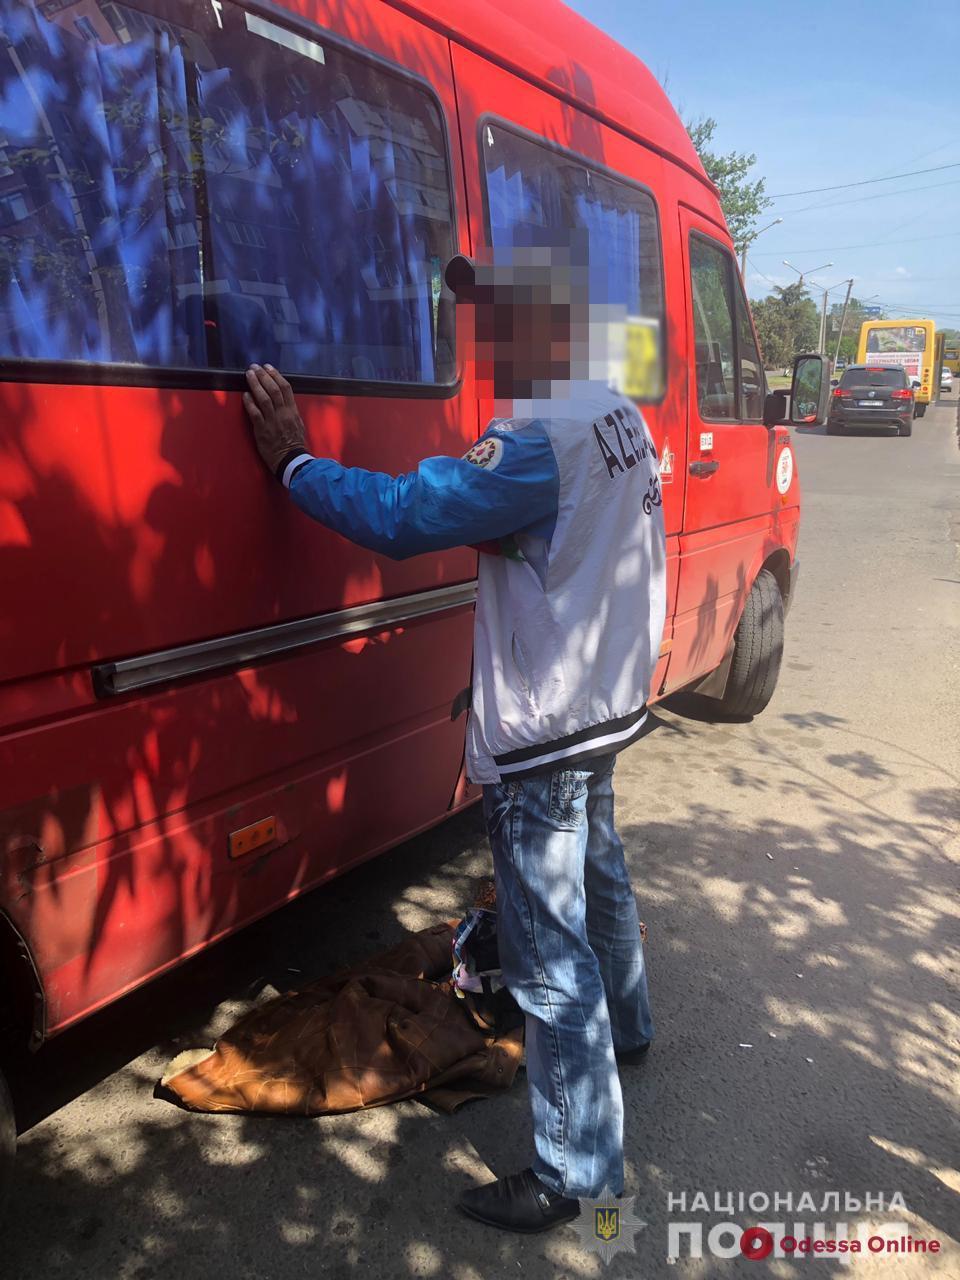 Житель Одесской области «обчистил» диспетчера автостанции и скрылся на маршрутке